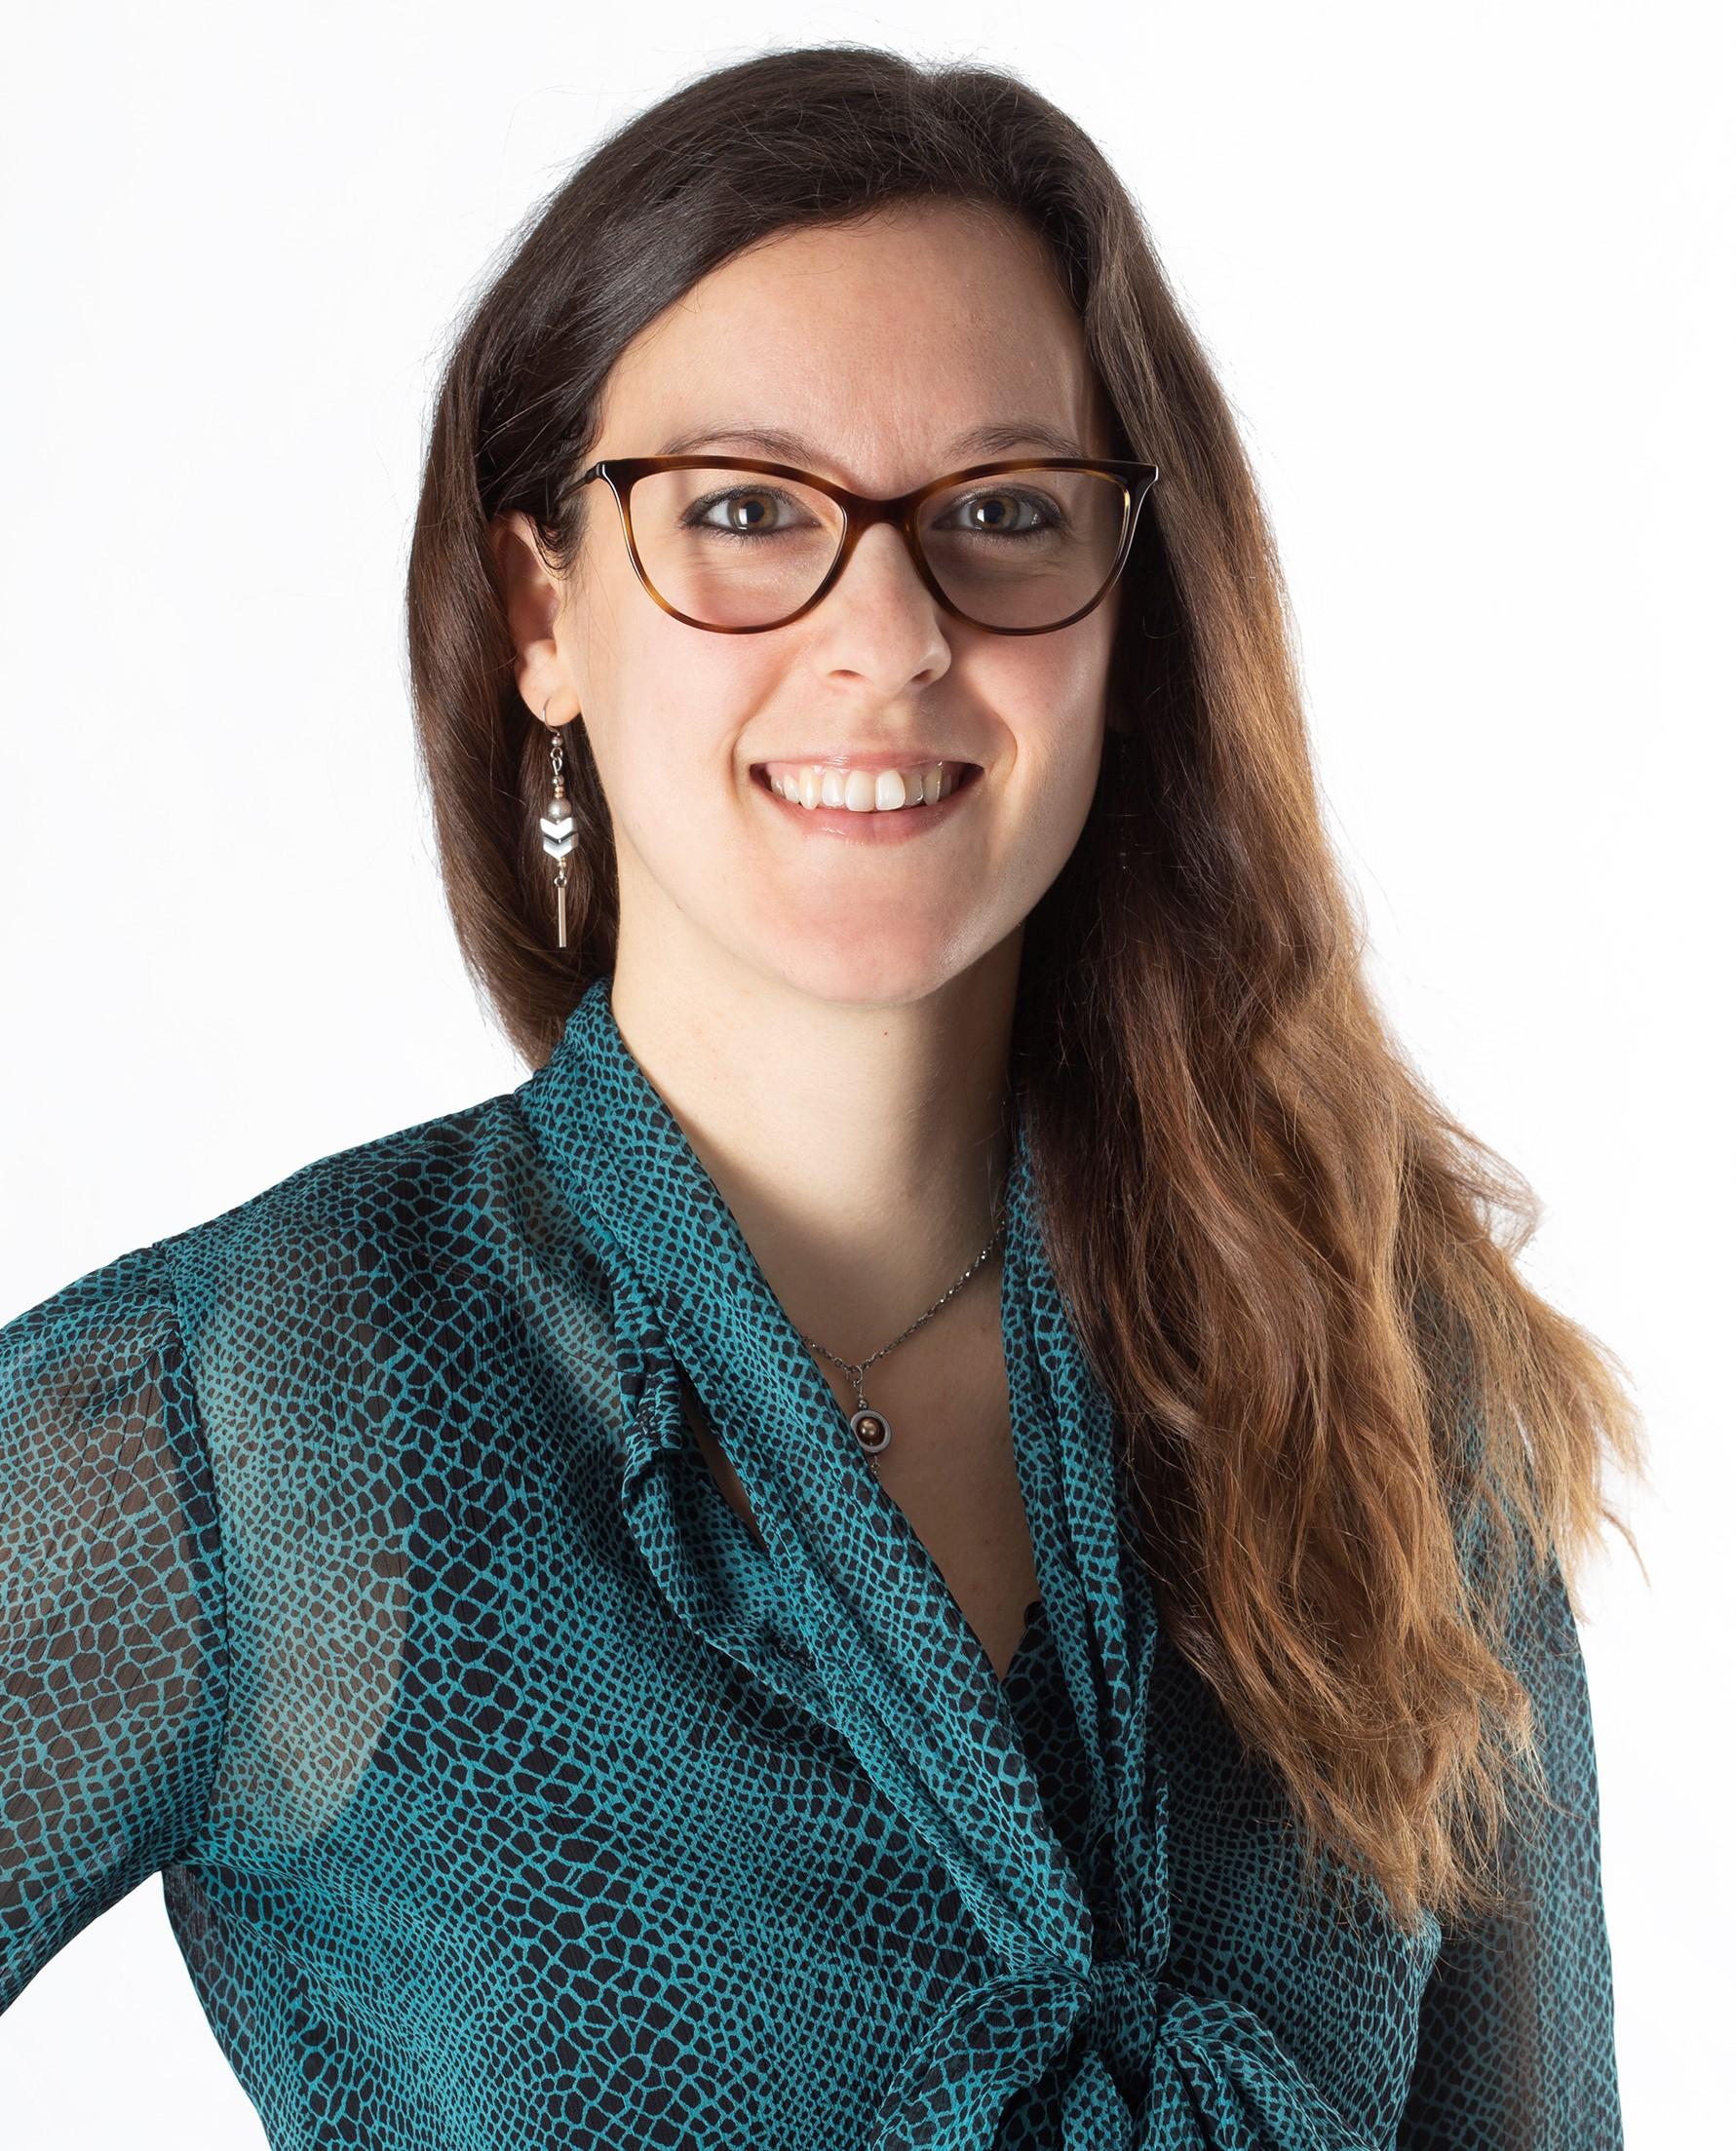 La professeure Mahée Gilbert-Ouimet de l'Université du Québec à Rimouski (UQAR)